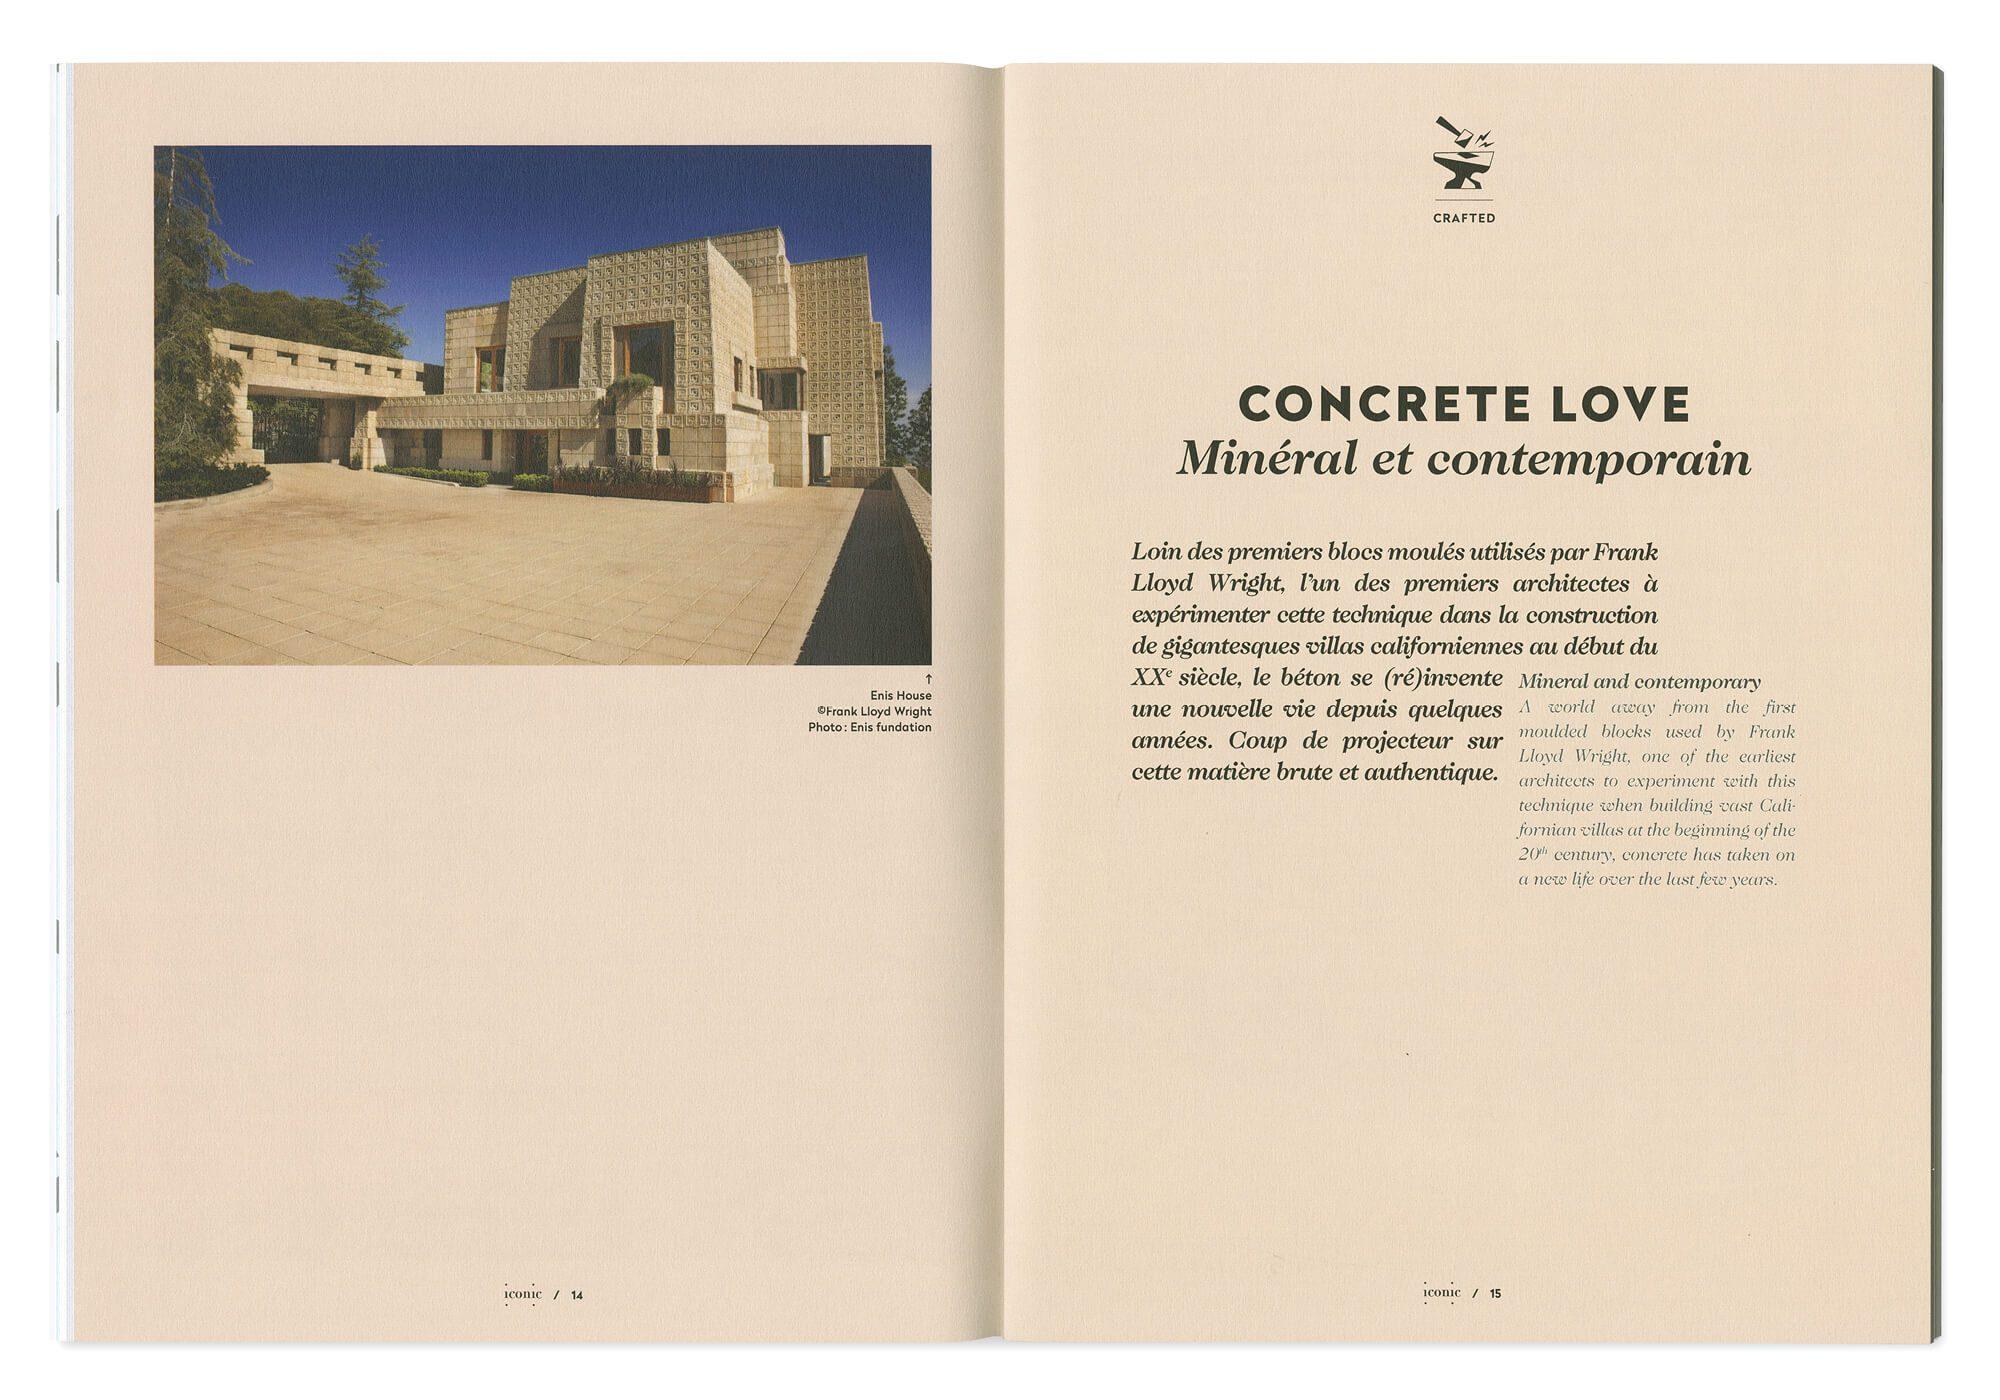 double page de magazine dessinée par ichetkar pour la maquette du magazine de design Iconic